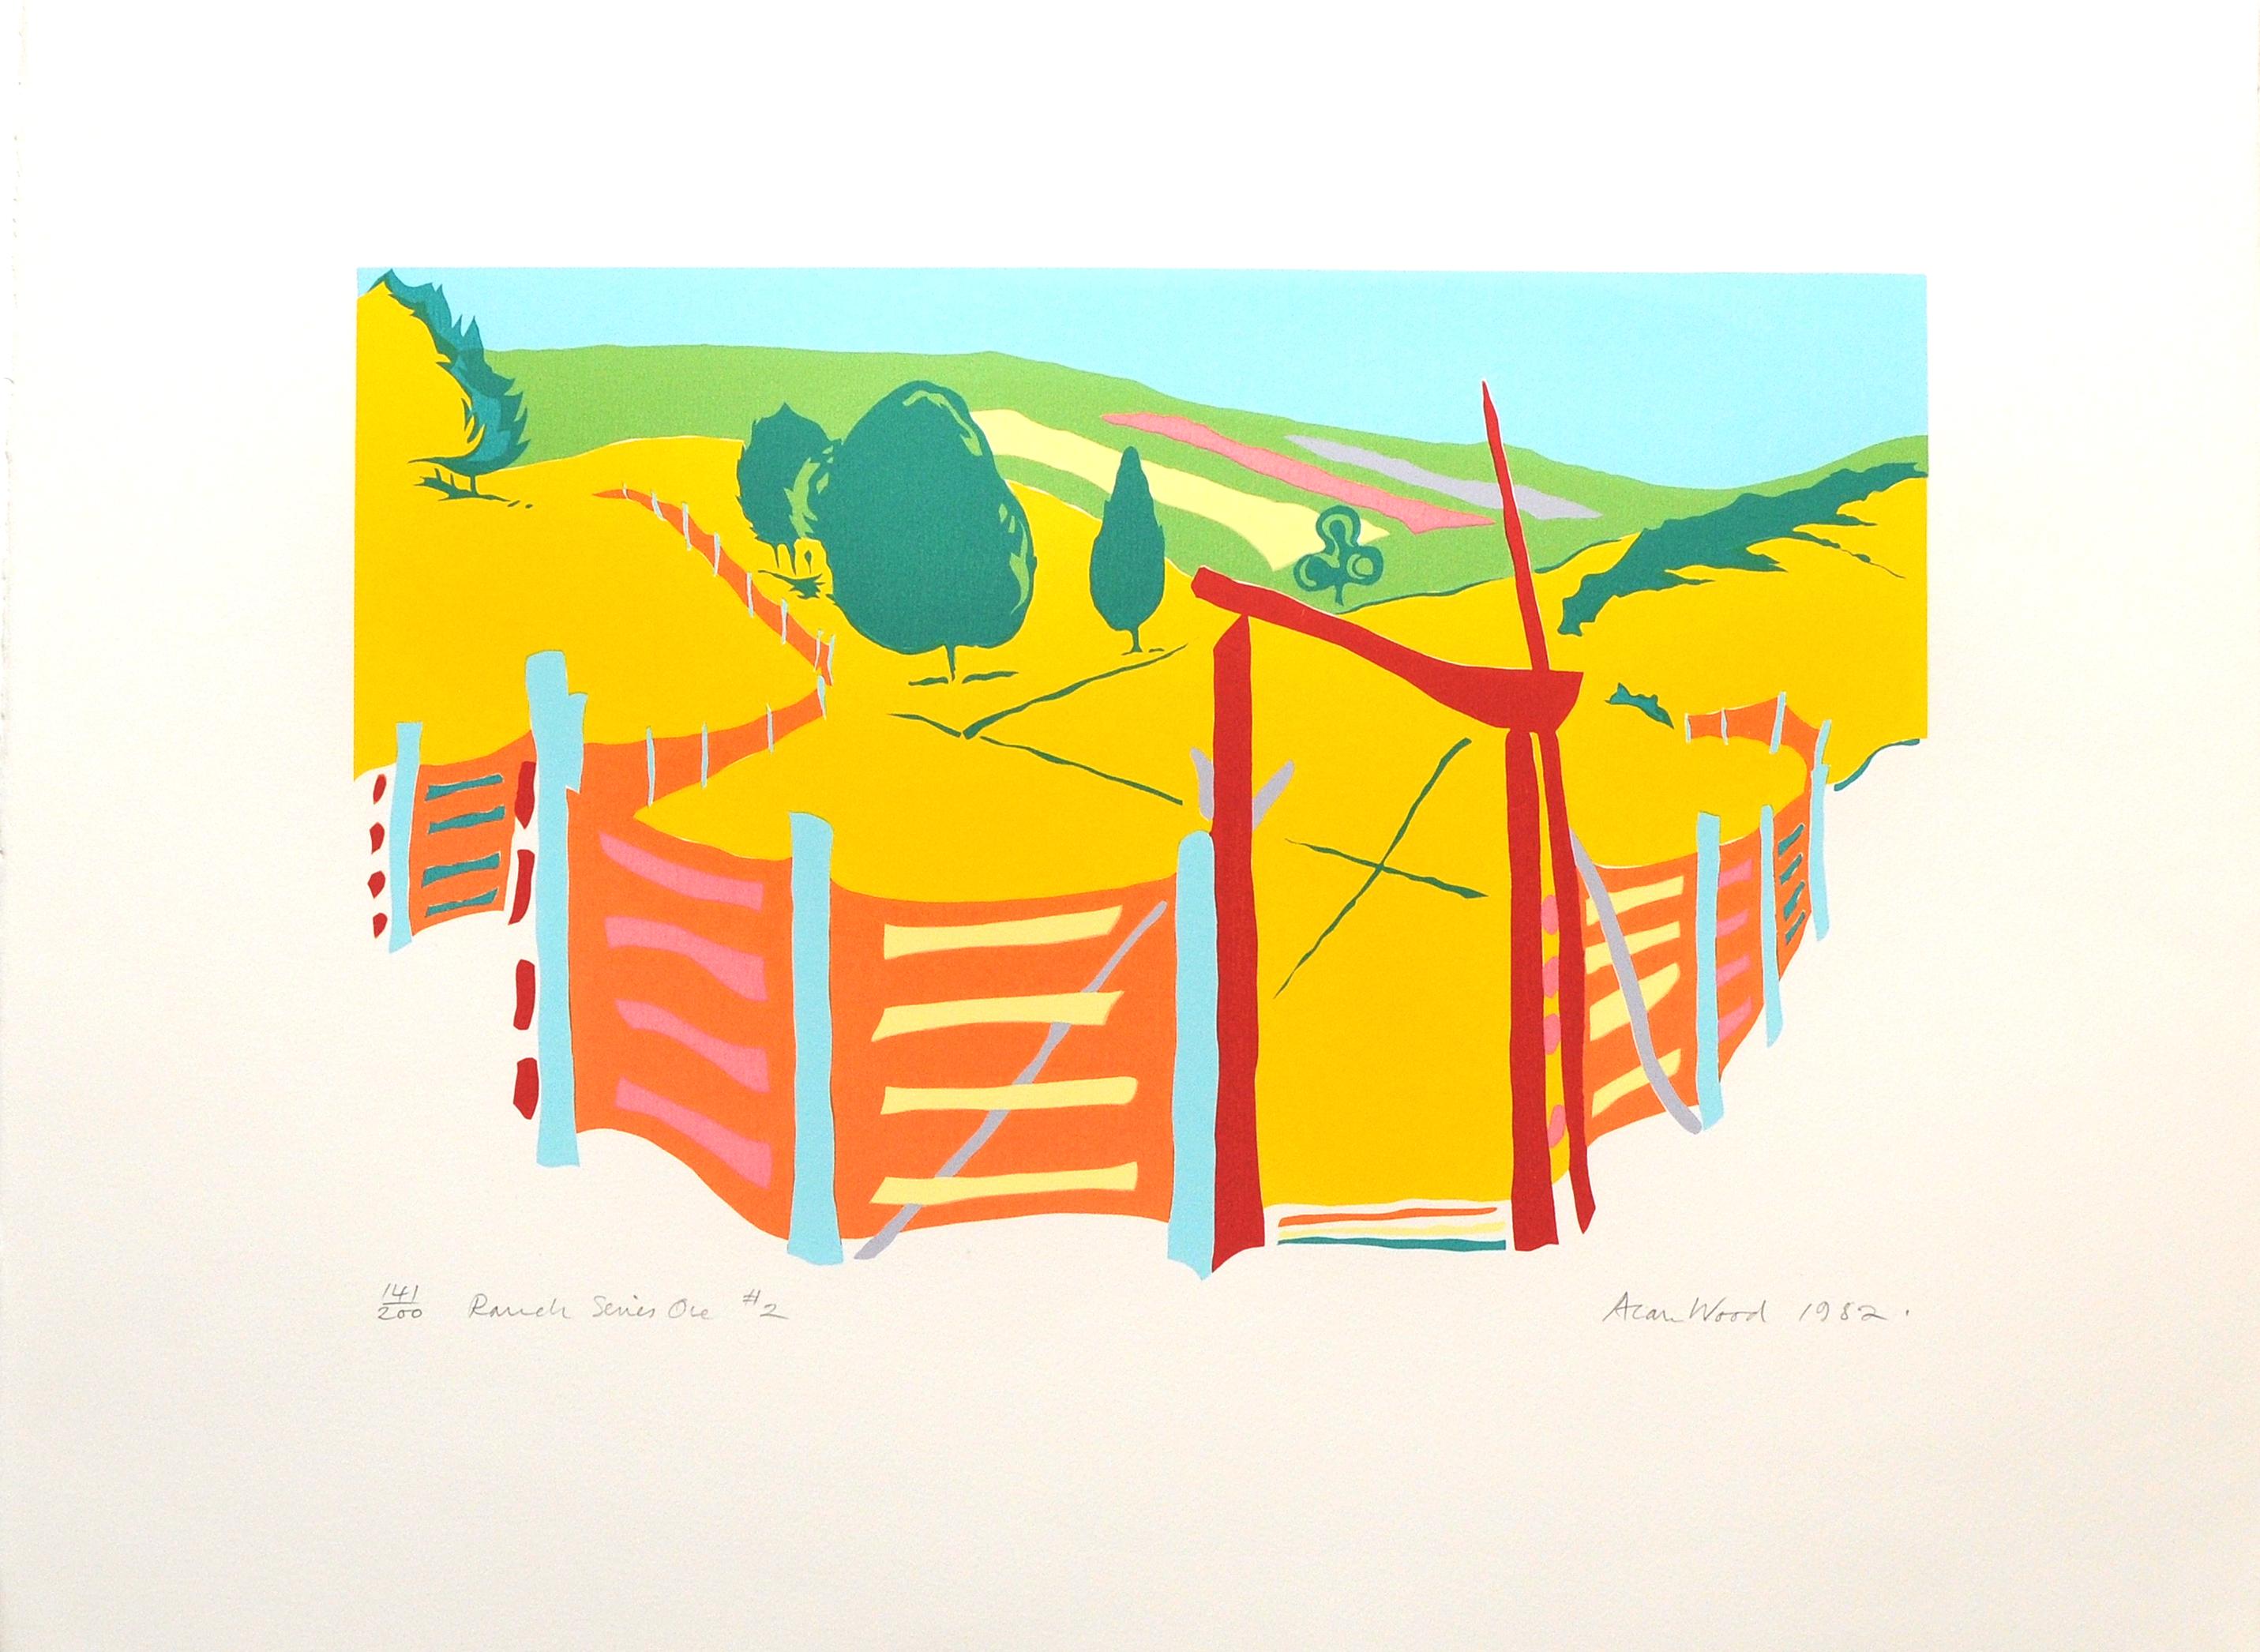 Alan_Woods_1982_Prints_#41_RanchSeriesOne#2